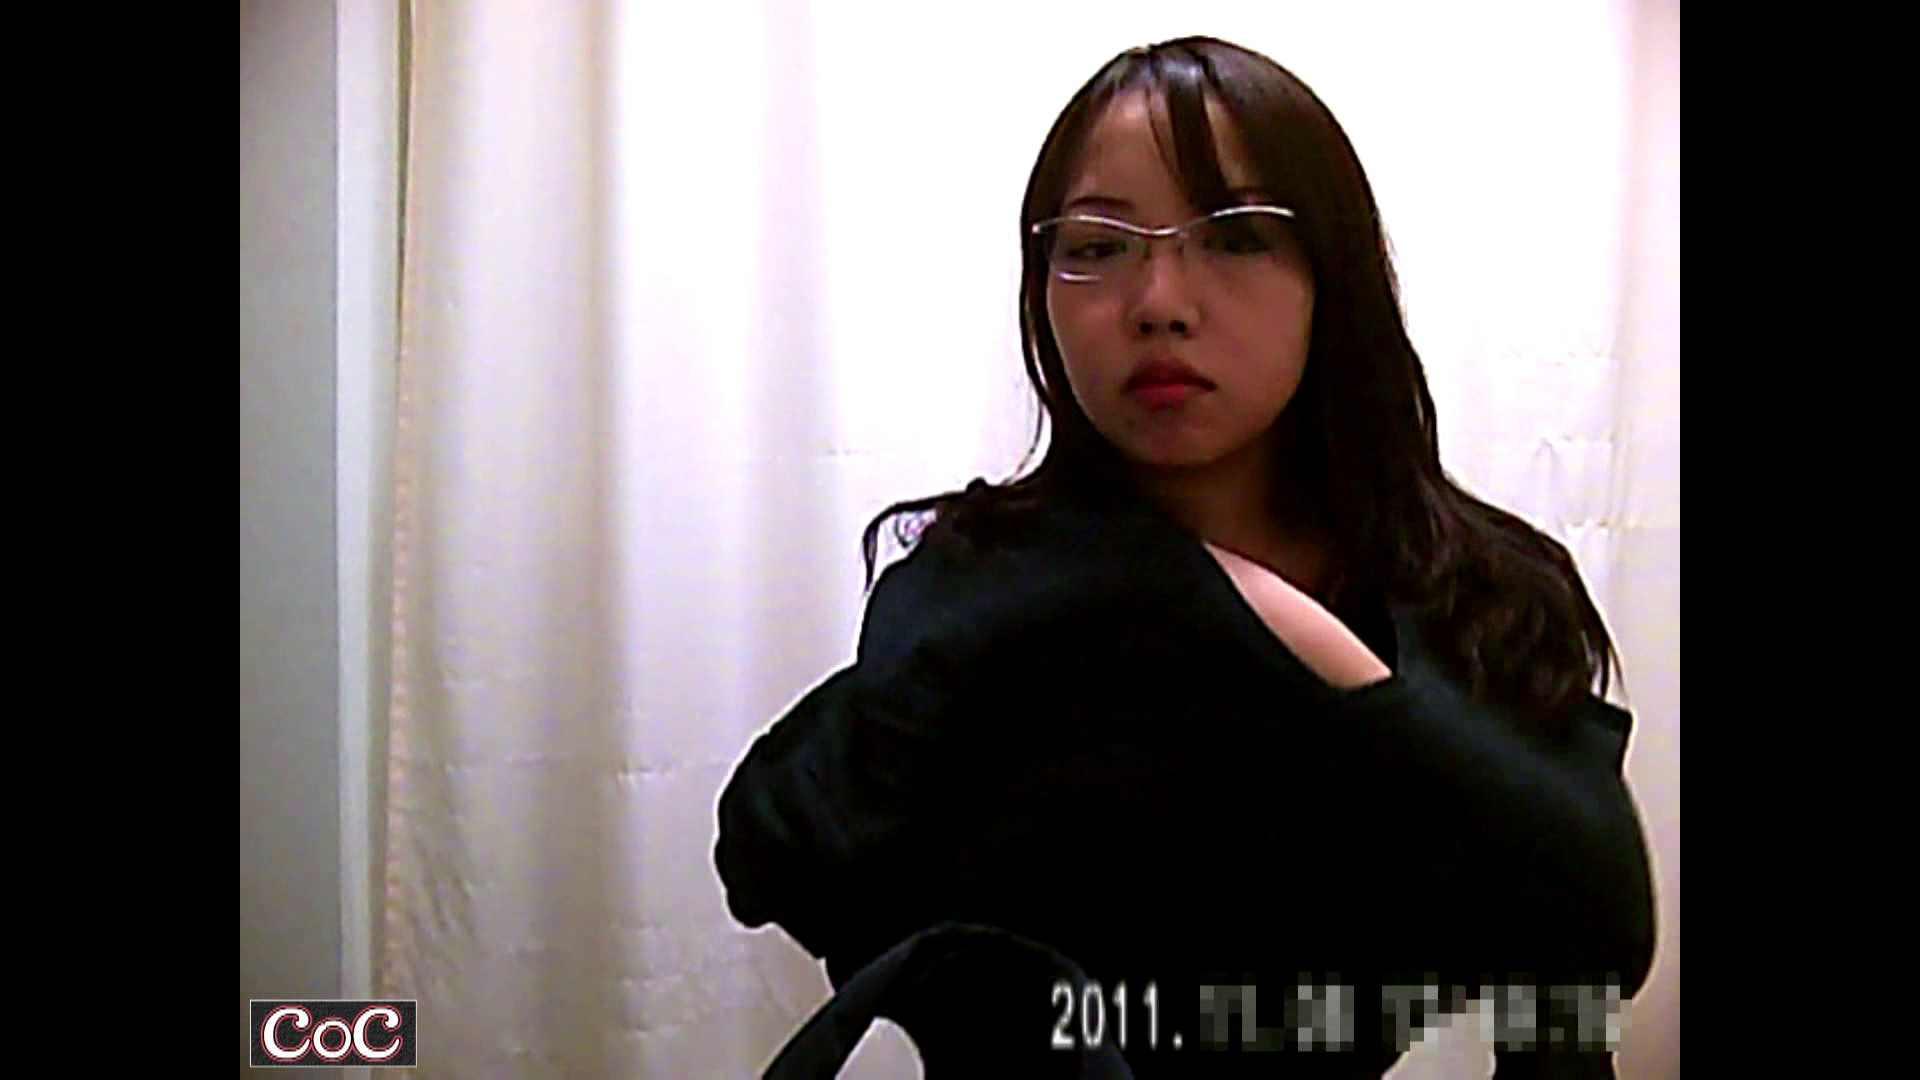 病院おもいっきり着替え! vol.84 巨乳 AV無料動画キャプチャ 102画像 46